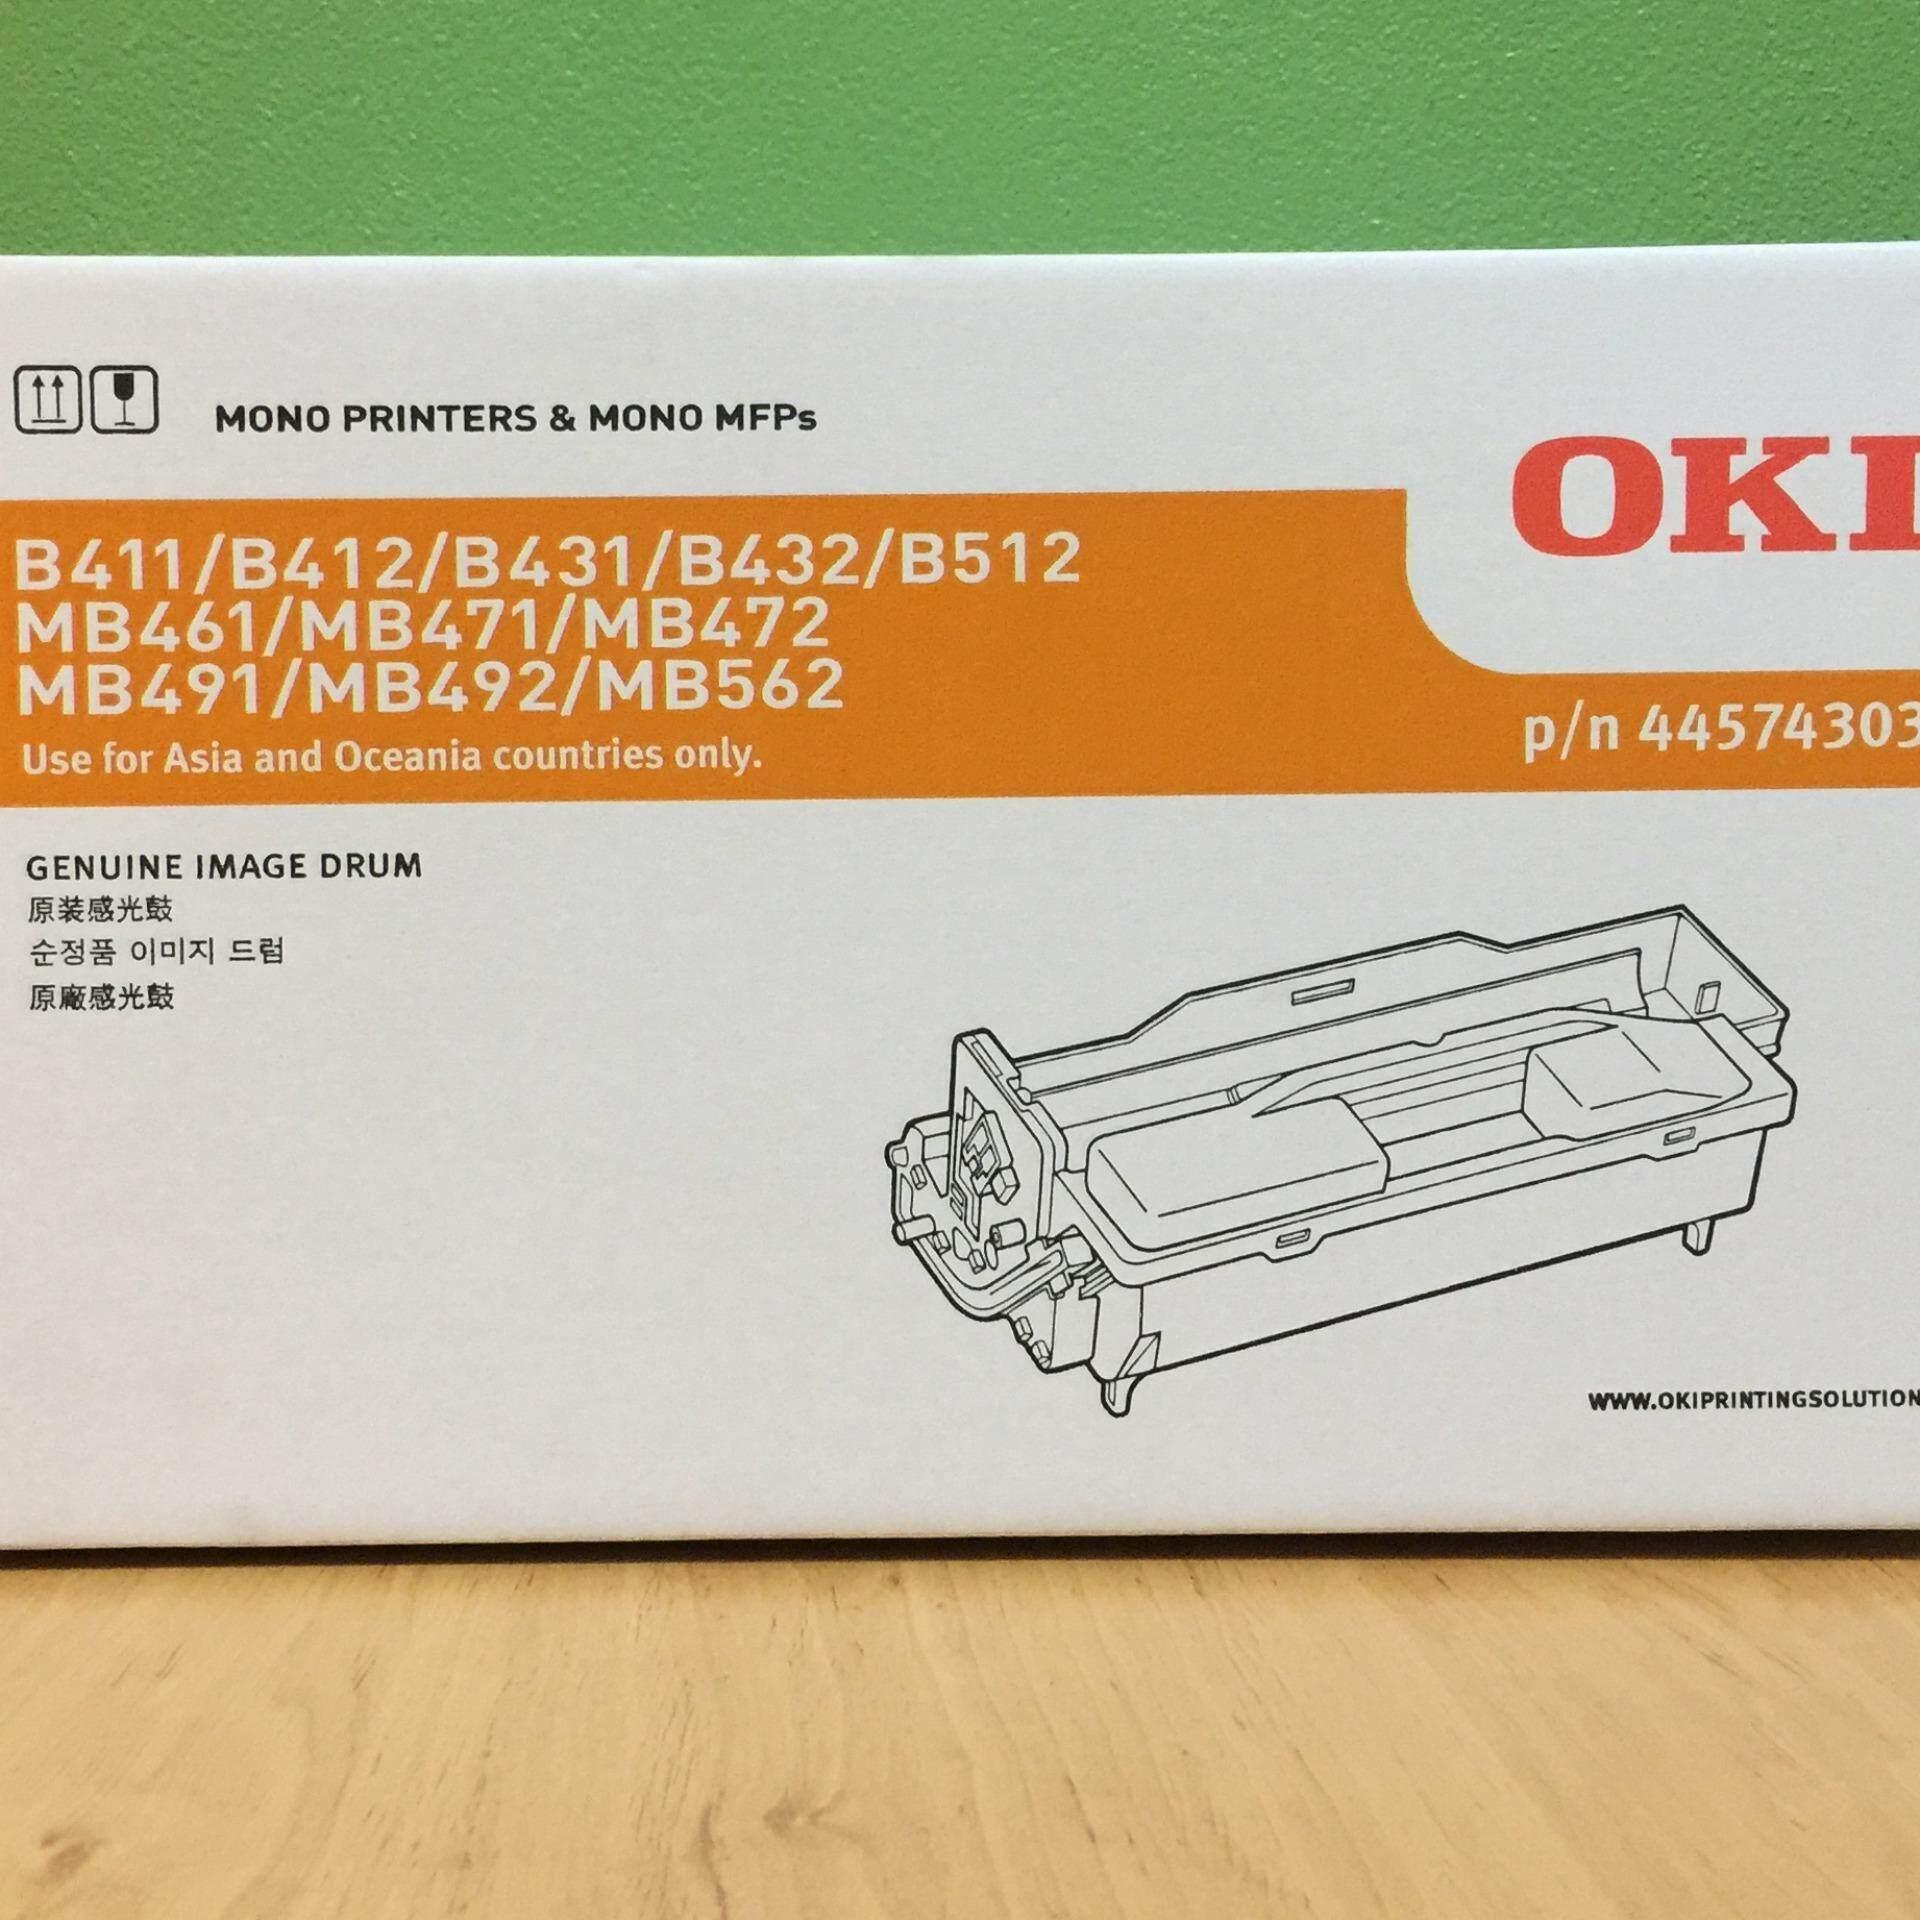 44574303 Oki Genuine Image Drum - B411/431/412 Mb472/492/b512 By Ink_printer07.